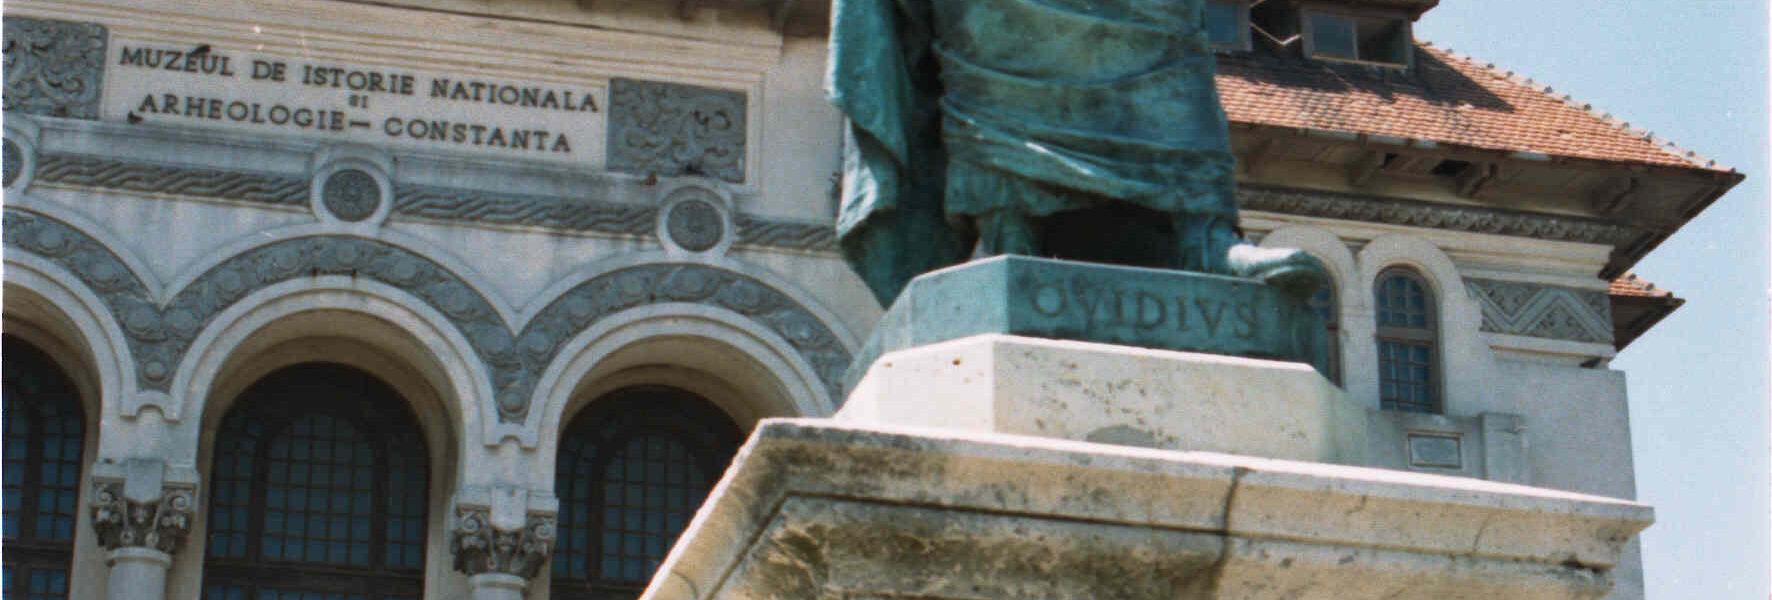 Poetul Ovidiu și orașul Tomis, cel de acum două milenii